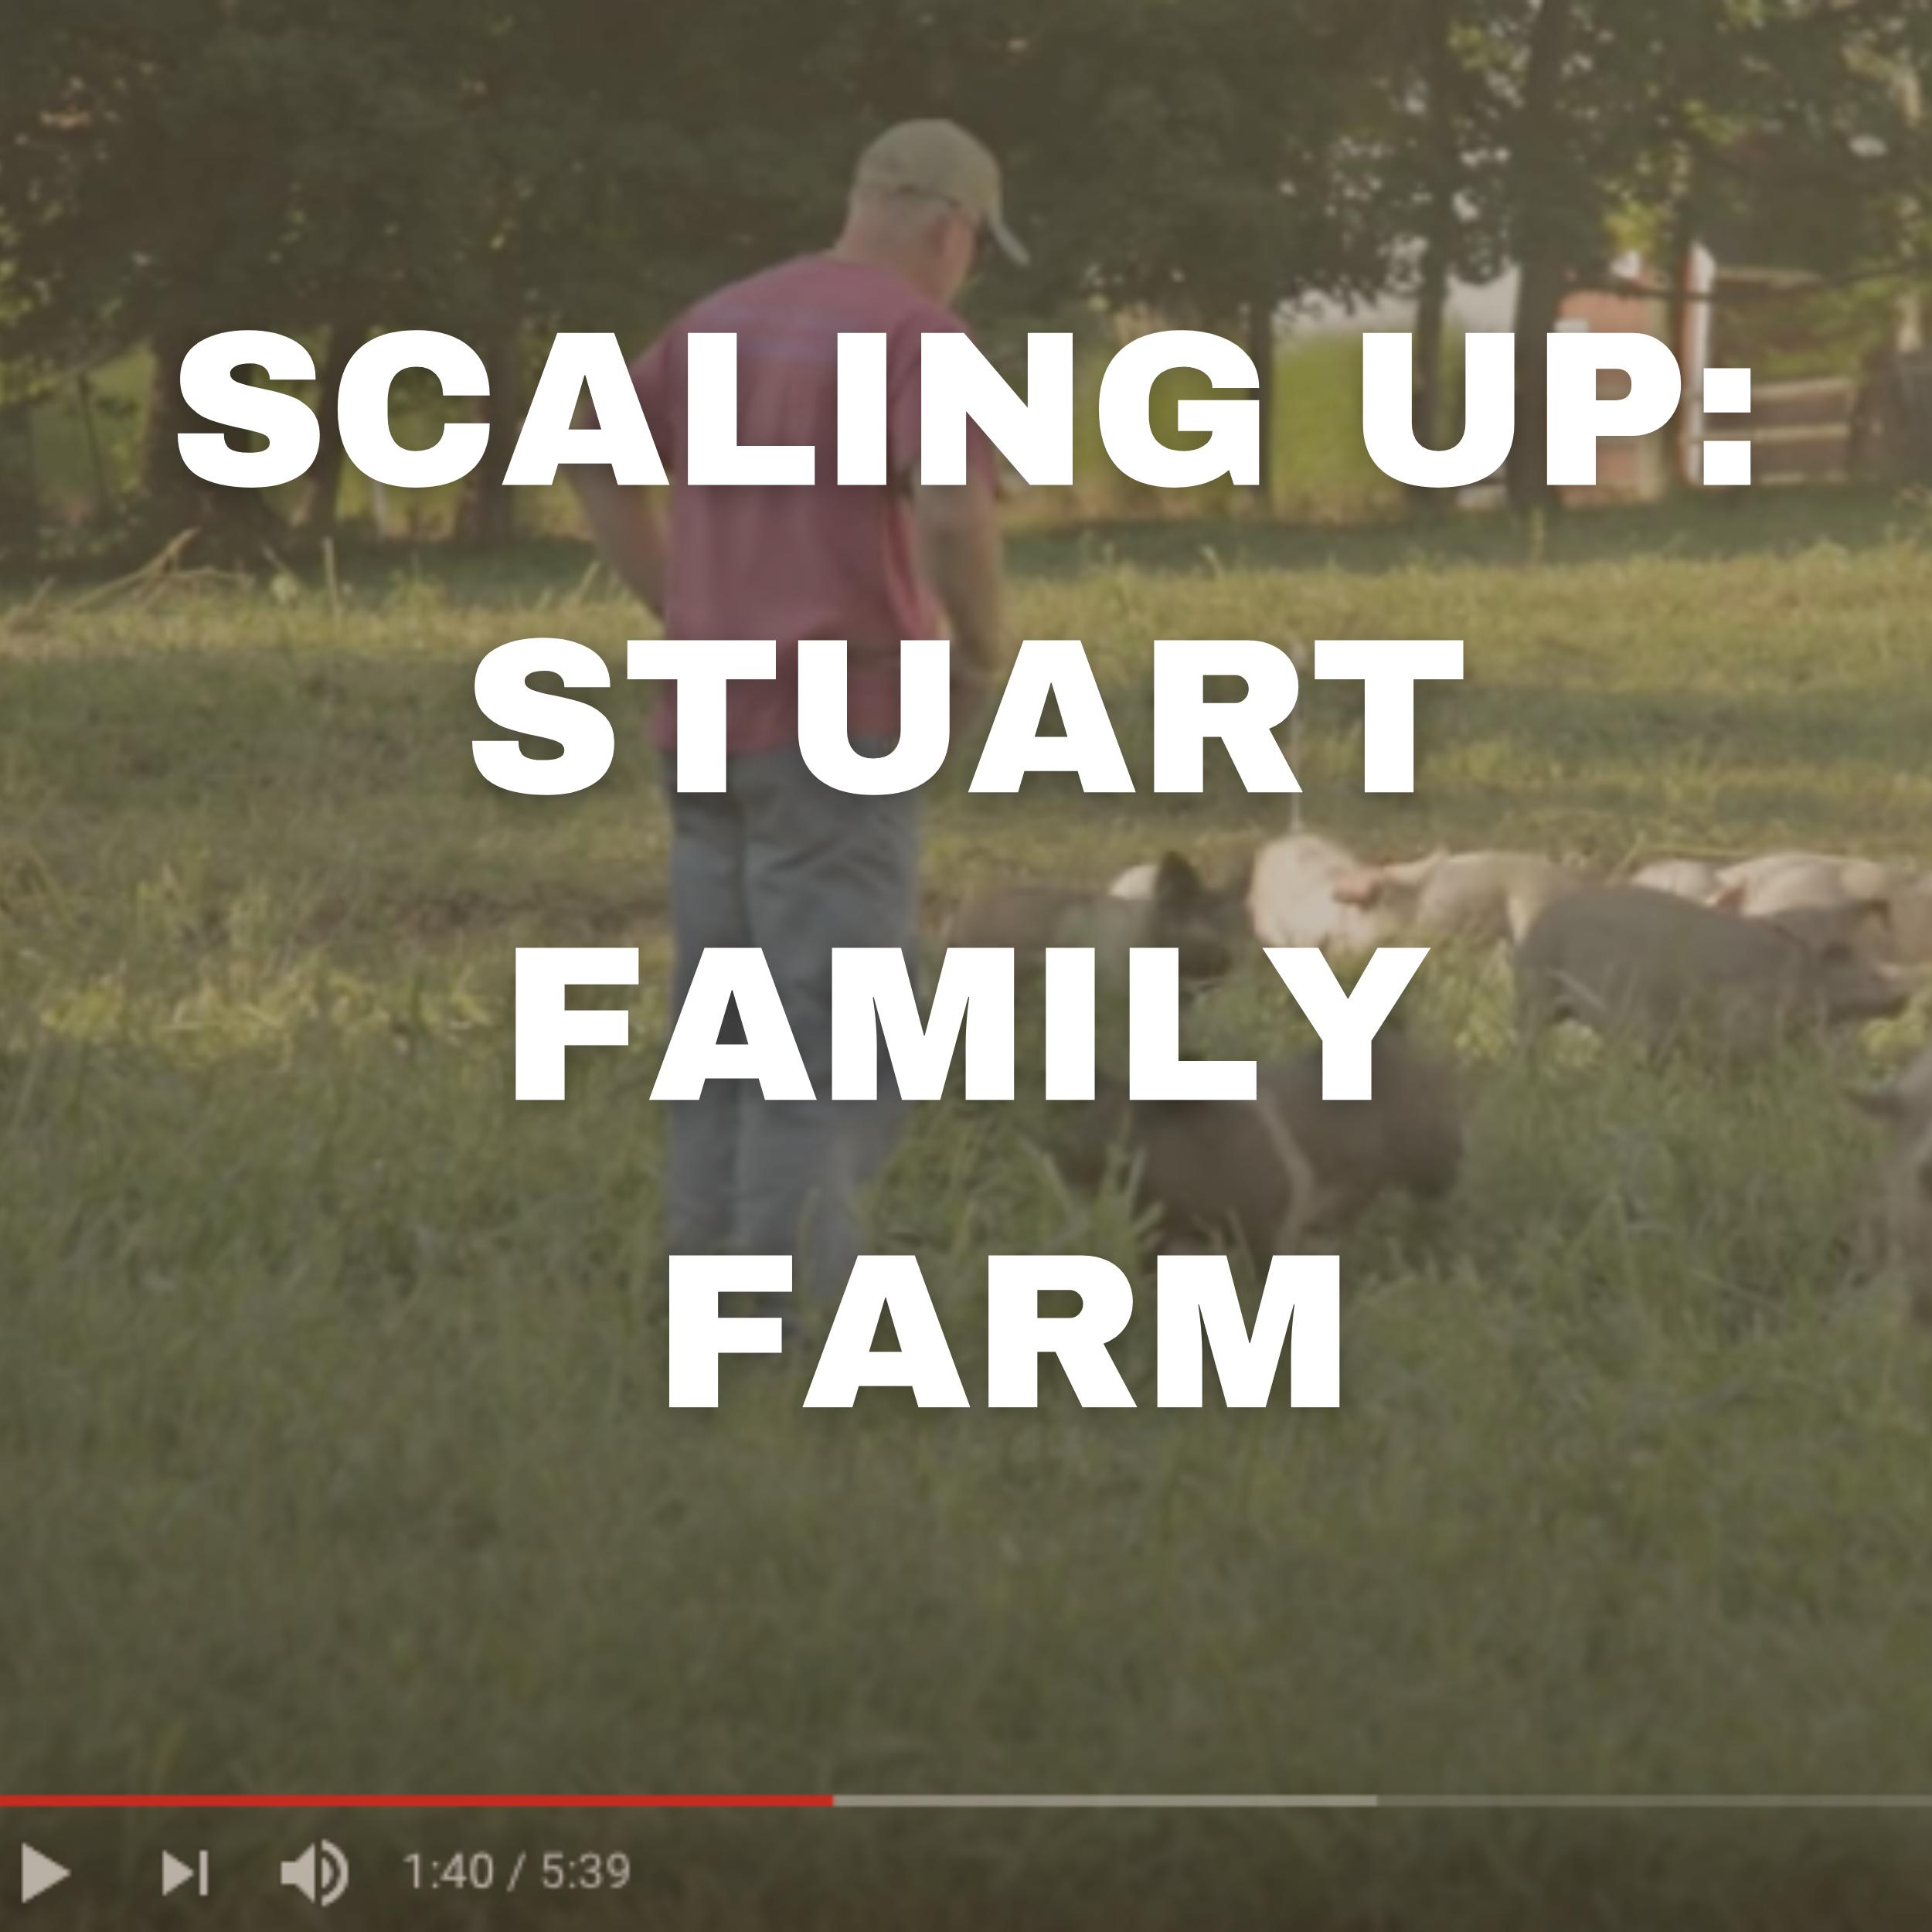 SCALING UP: STUART FAMILY FARM